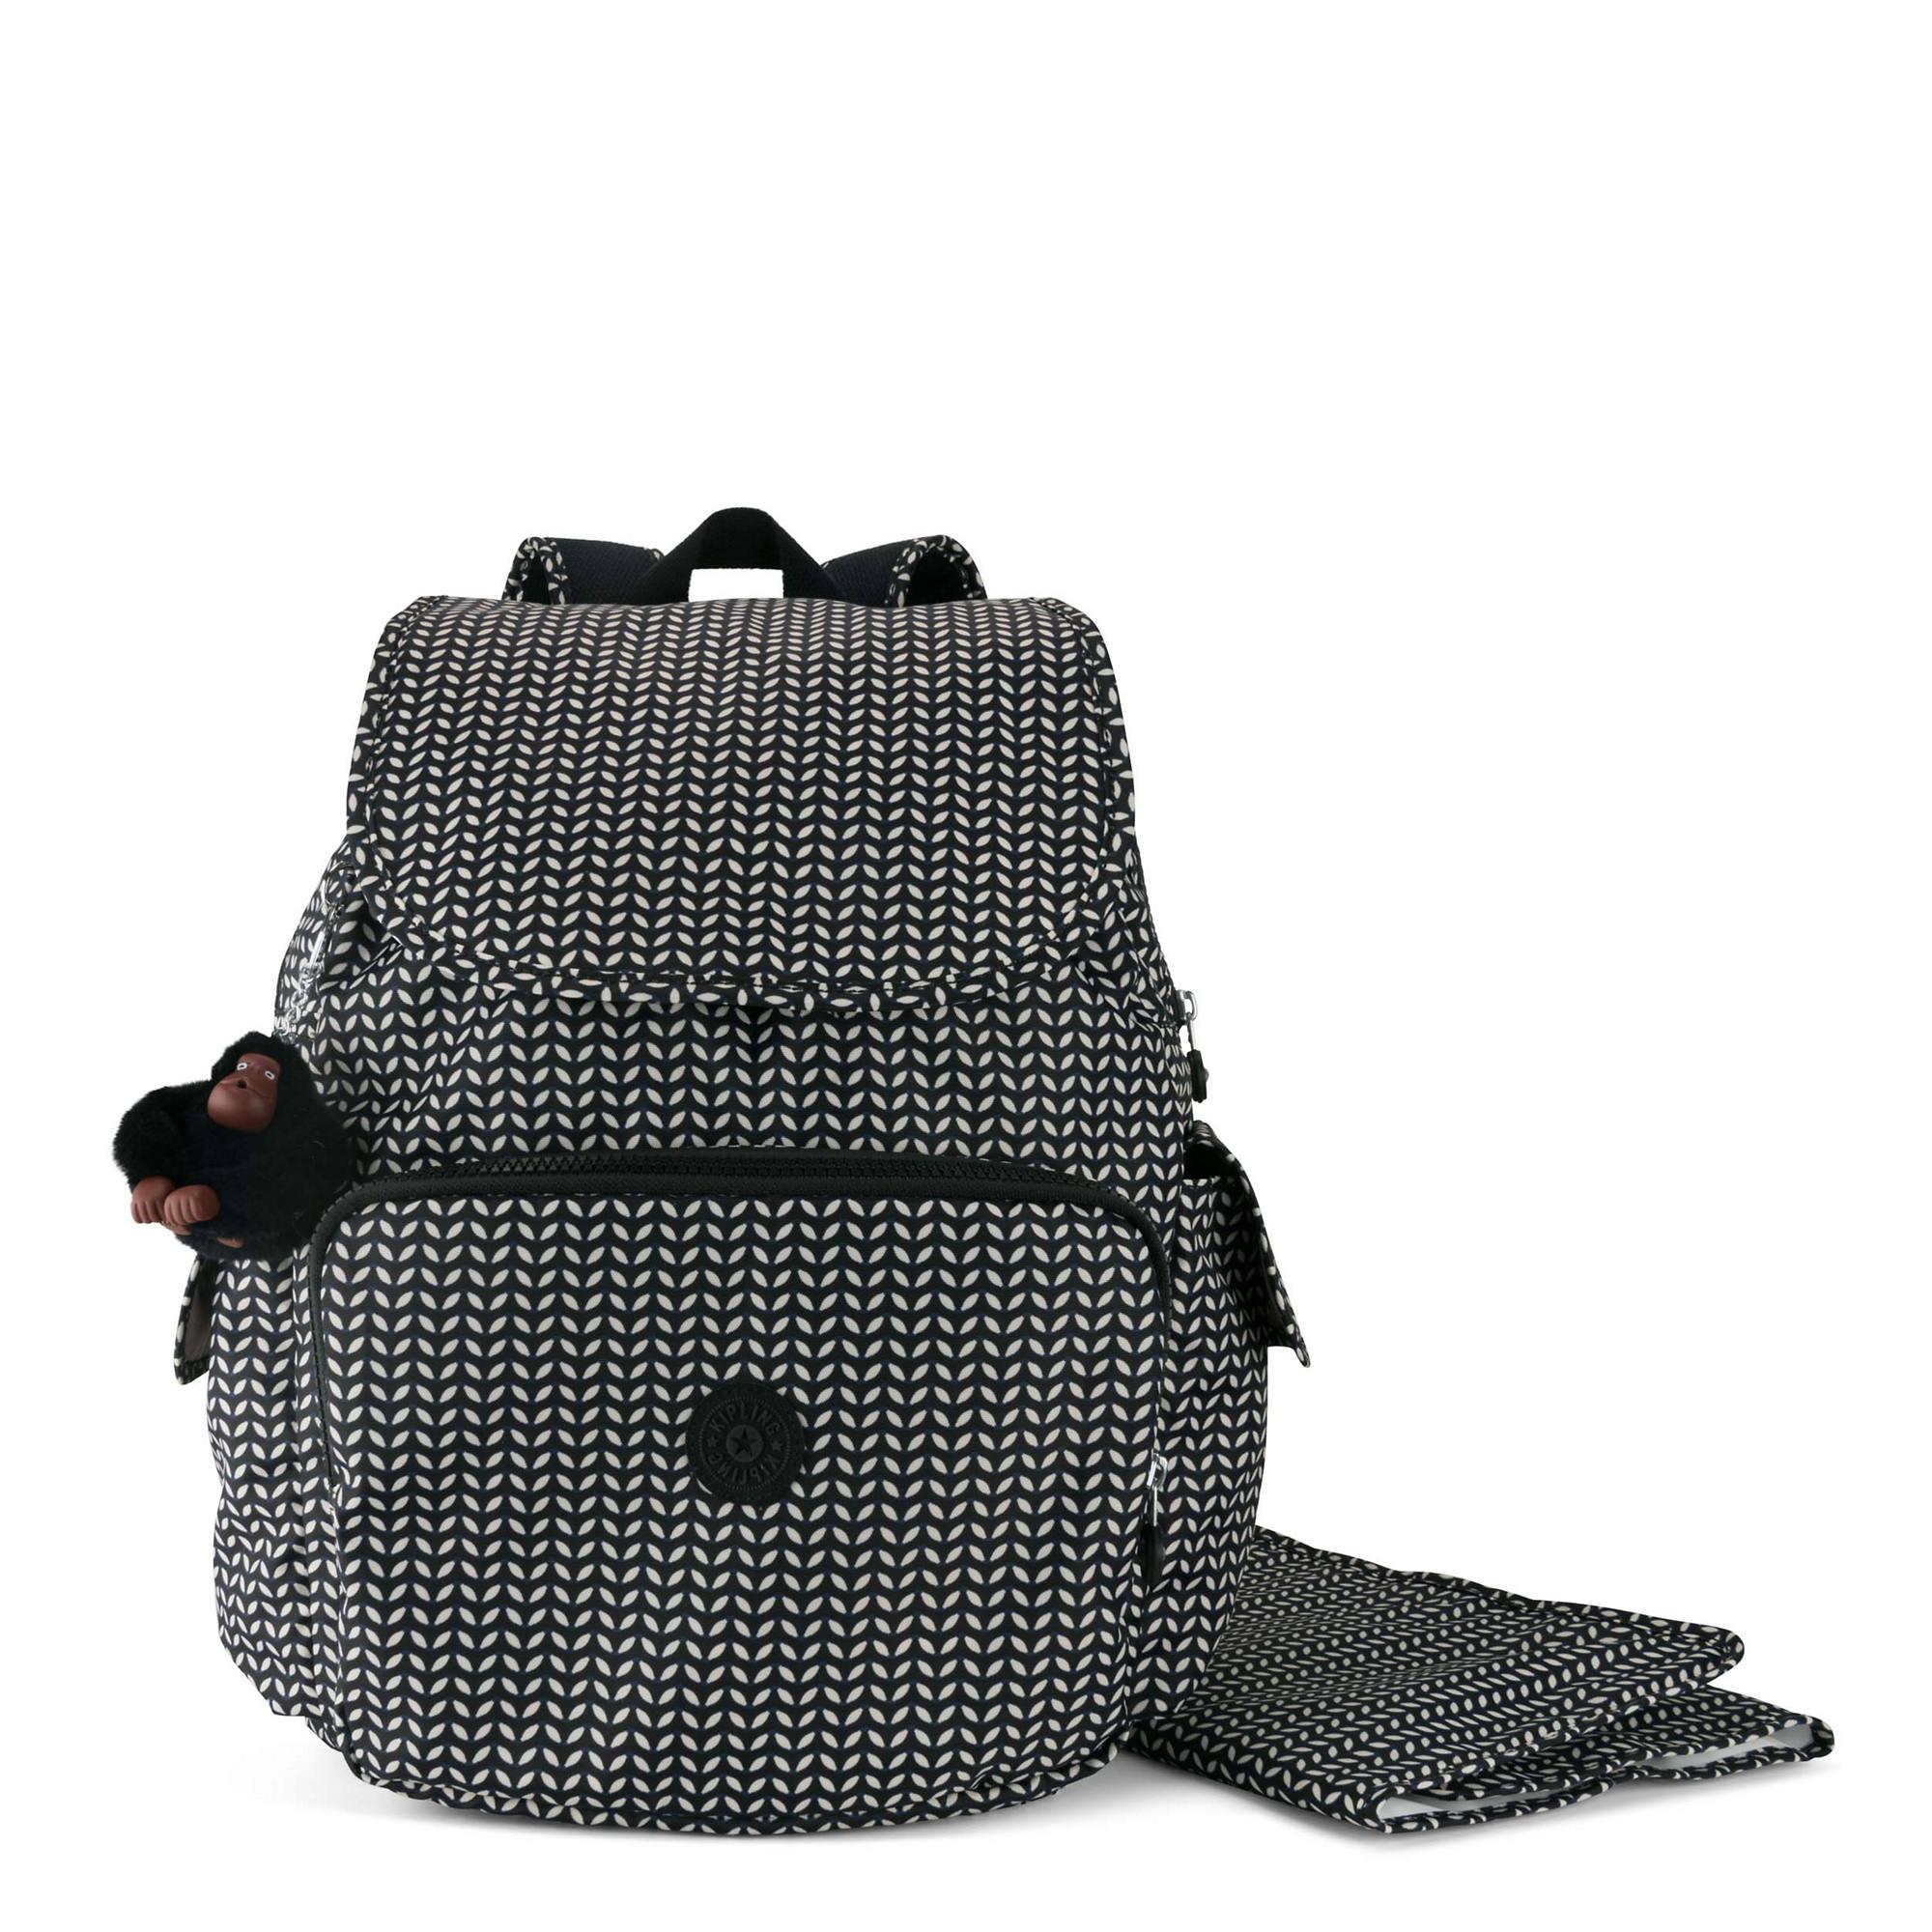 Zax Printed Backpack Diaper Bag Small Leaf Large